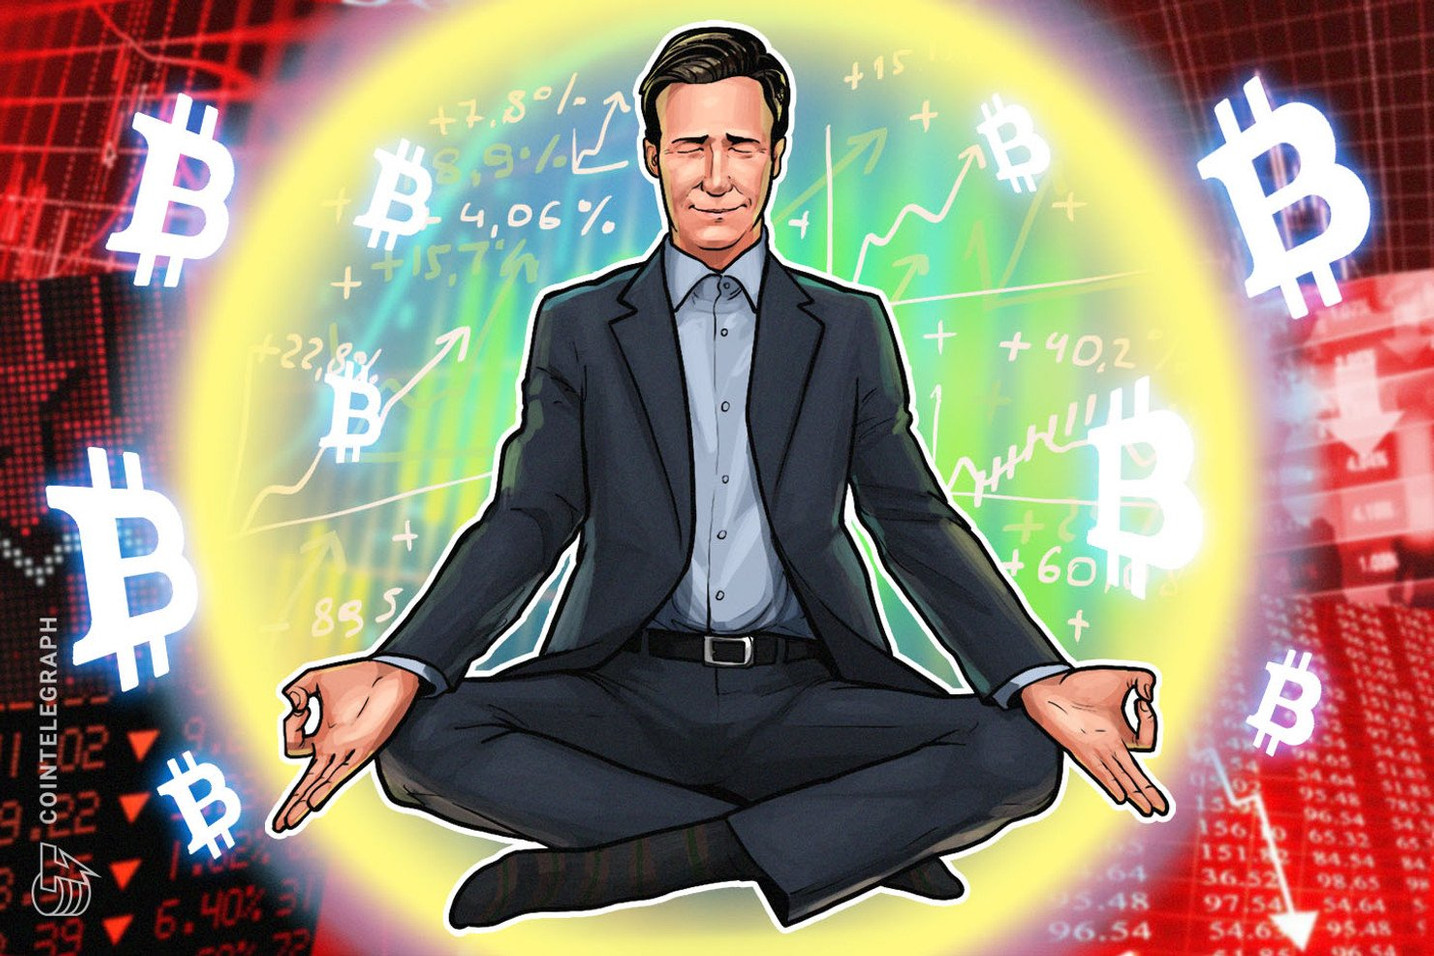 仮想通貨ビットコイン暴落も「予定通り」「何も起こっていない」強気発言の根拠は...?